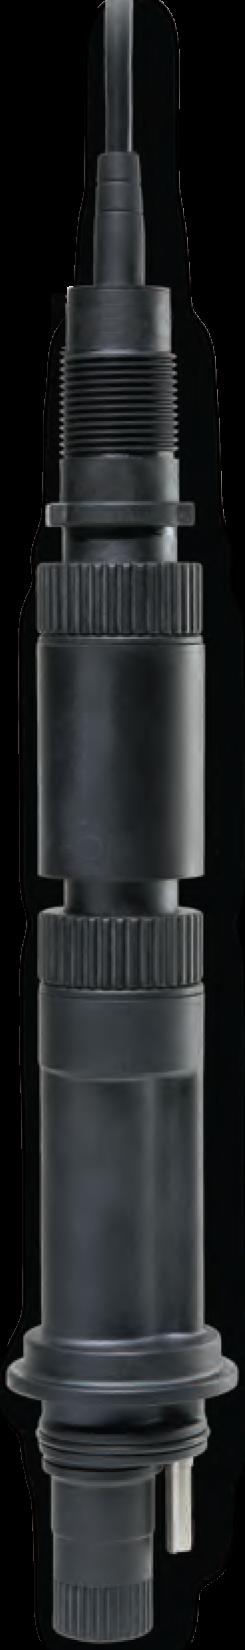 S8000 Sensor